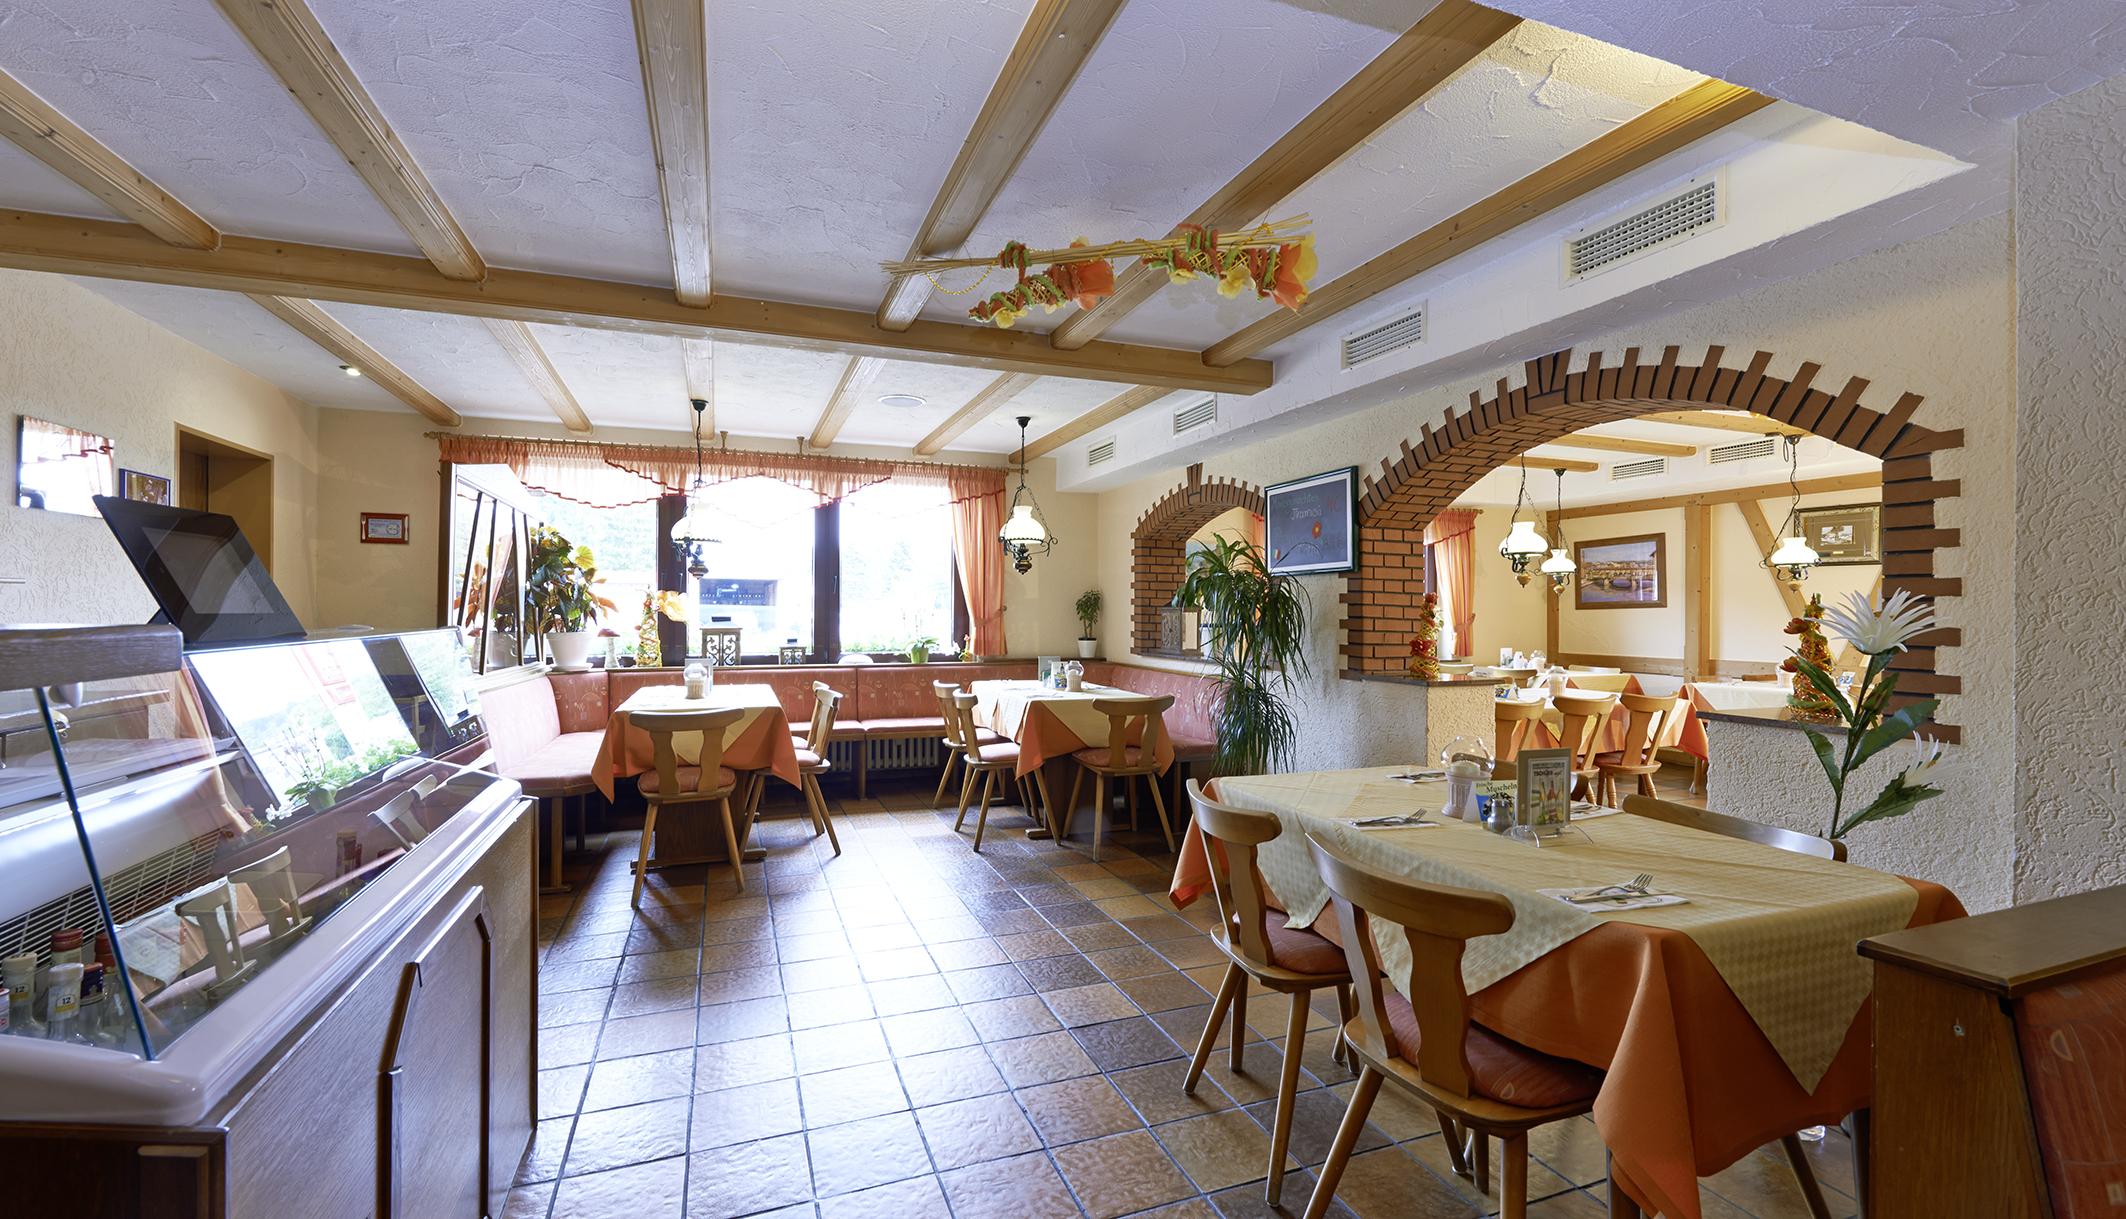 Speisesaal im Eingangsbereich